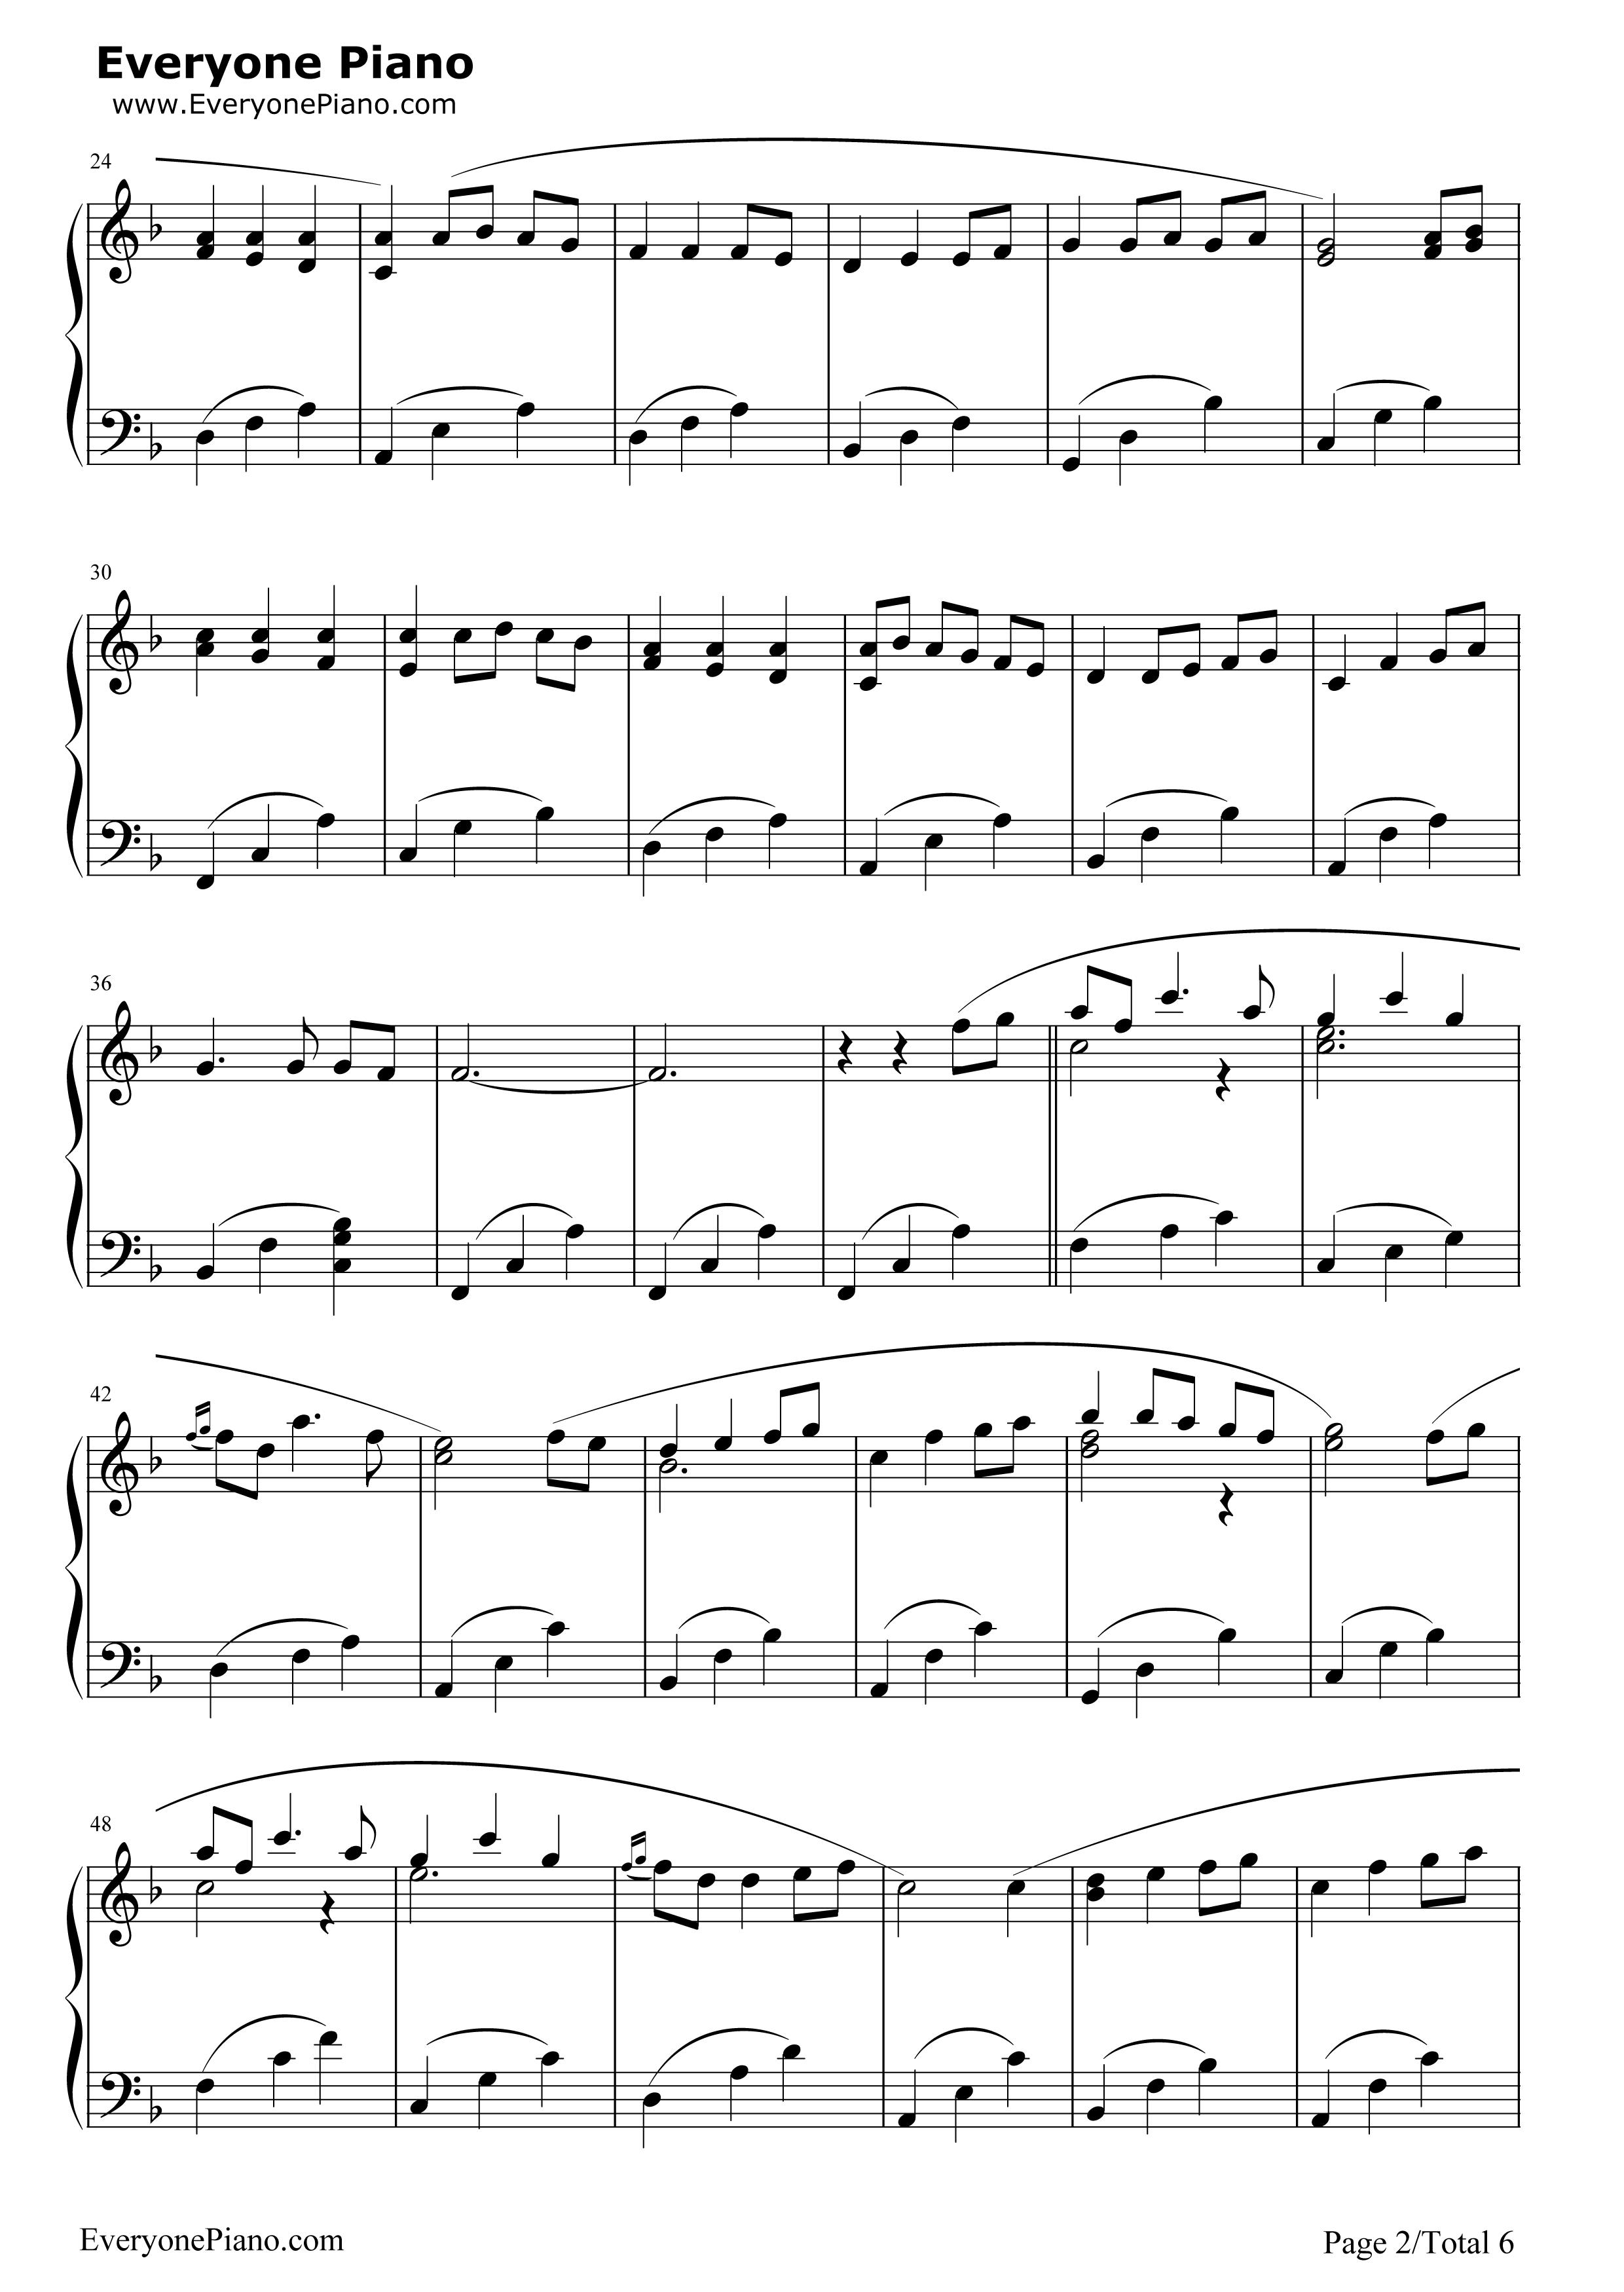 坦诉钢琴曲谱子-五线谱预览2 钢琴谱文件 五线谱 双手简谱 数字谱 Midi PDF 免费下载